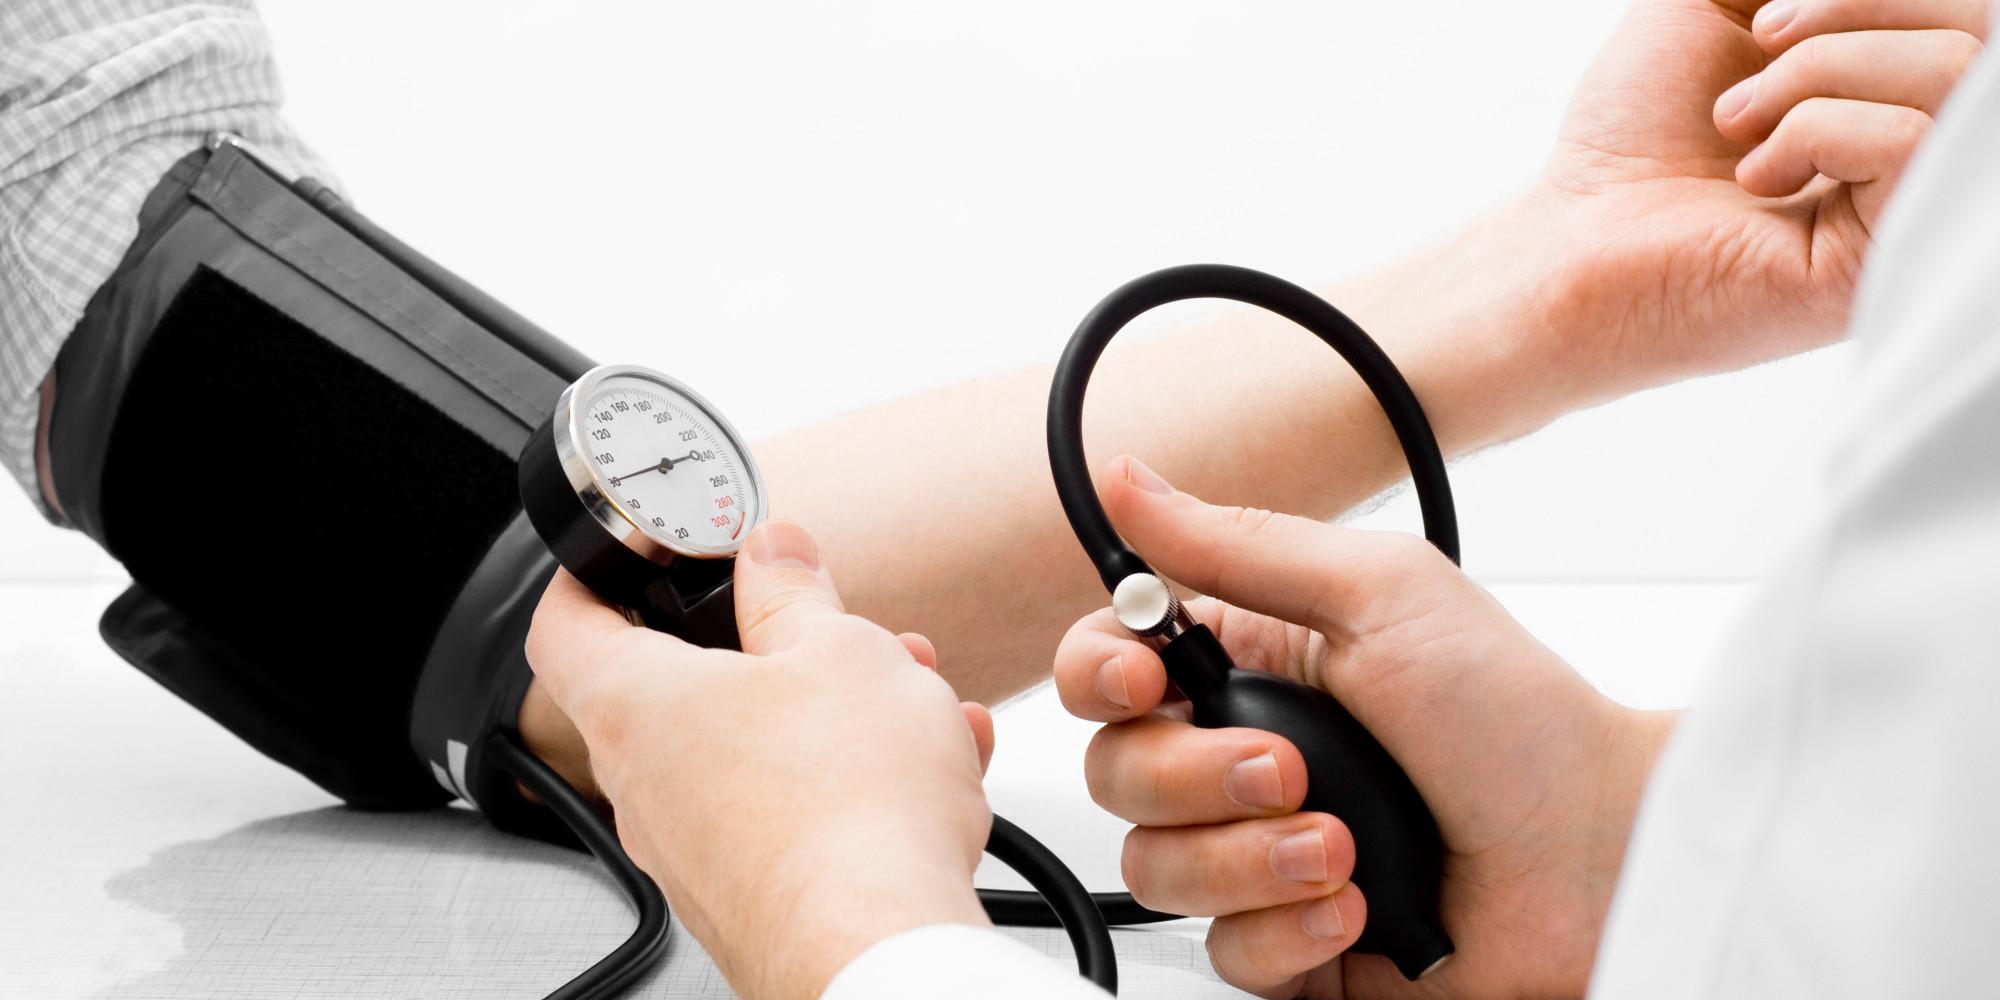 Повышенное артериальное давление: о чем оно свидетельствует